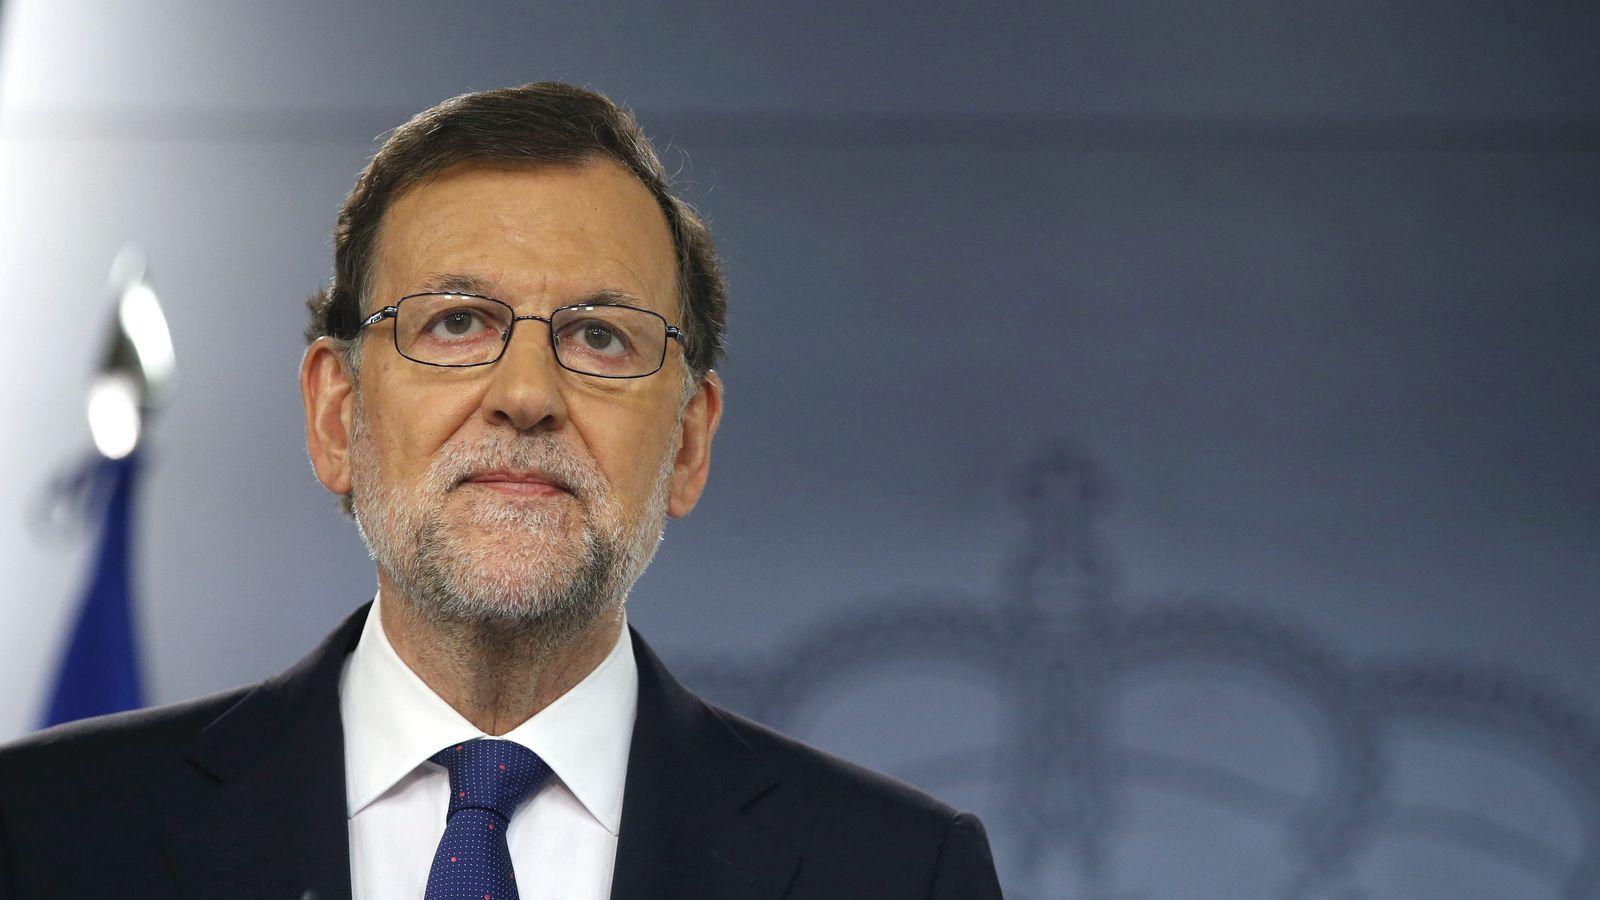 Foto: El presidente del Gobierno en funciones, Mariano Rajoy, comparece en la Moncloa tras el triunfo del Brexit. (EFE)